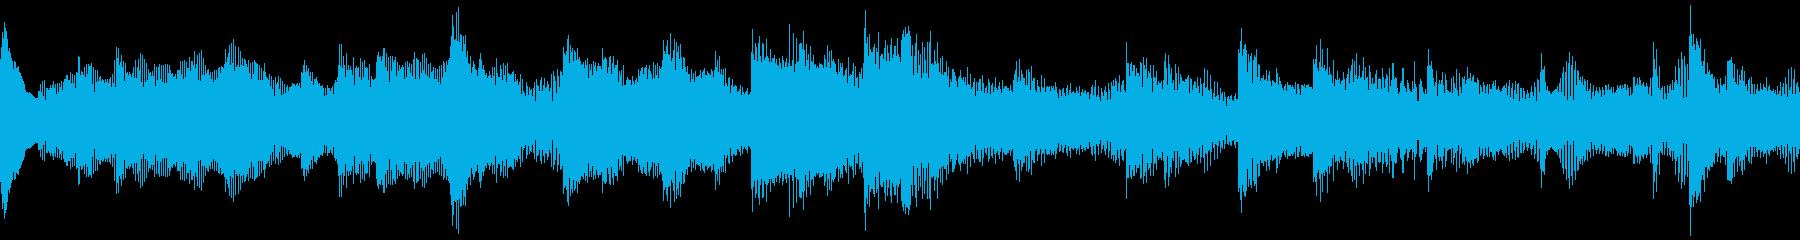 壮大で優雅なクラシカル風BGMの再生済みの波形